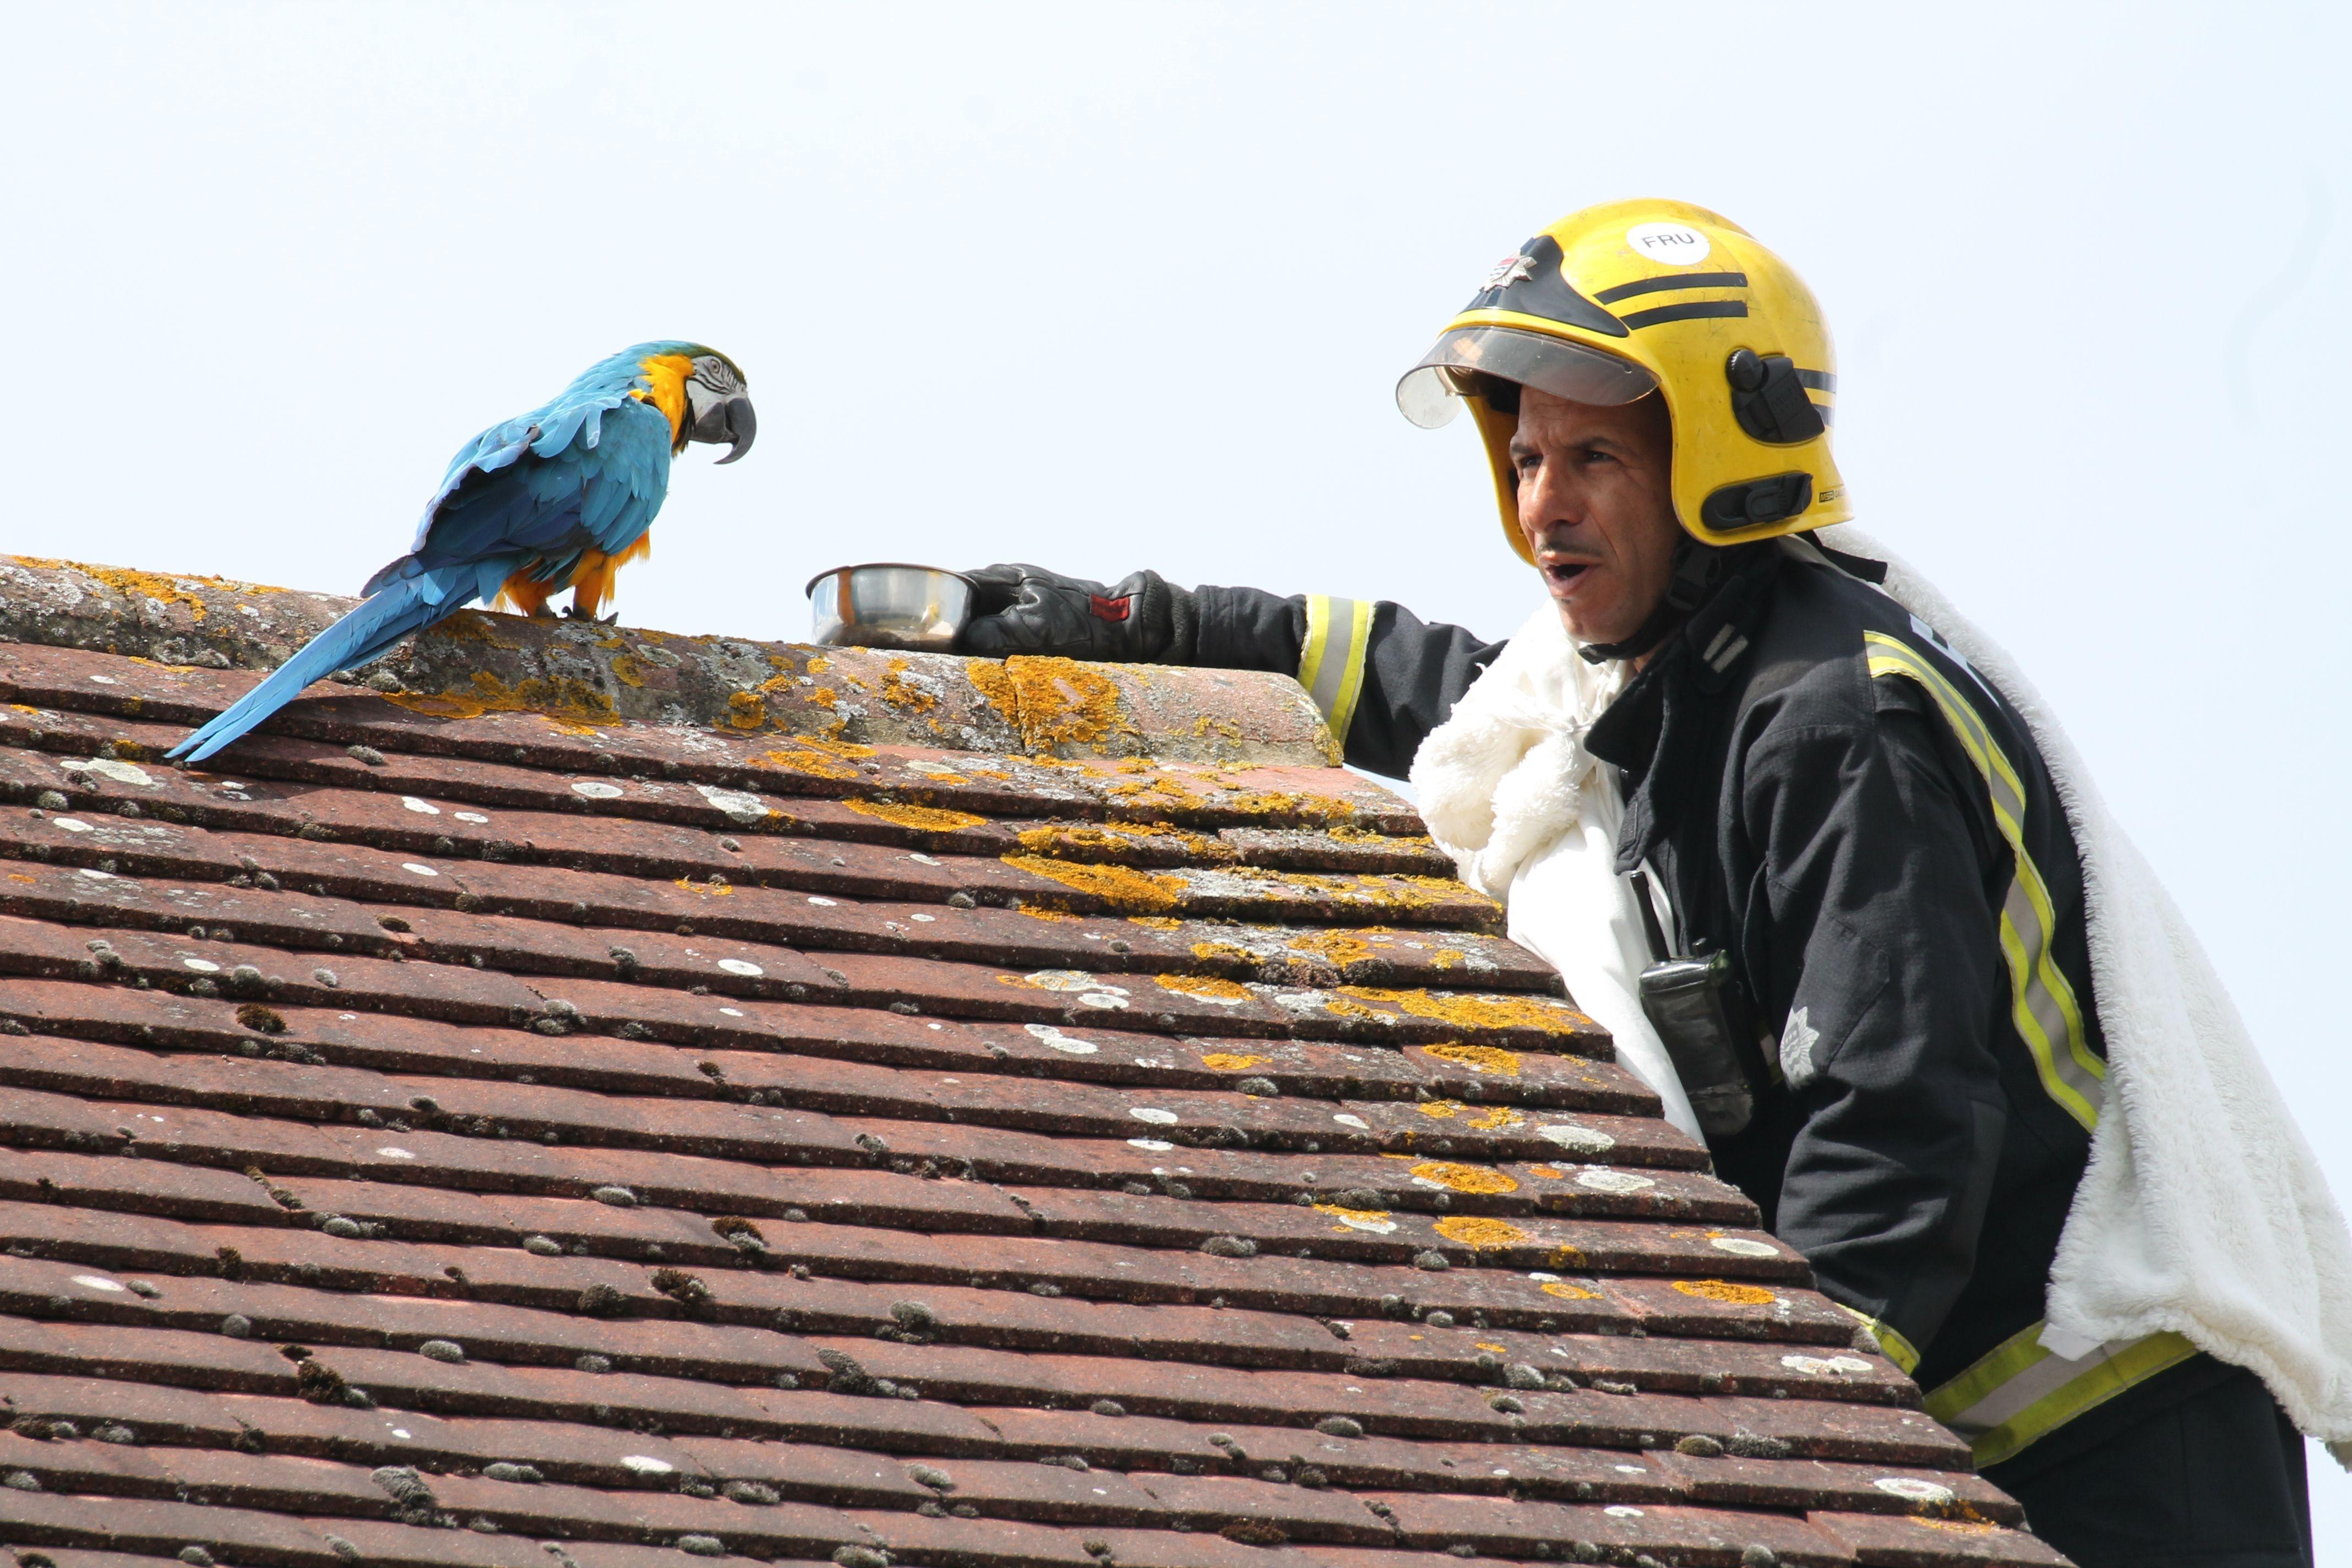 Bombeiro tenta convencer papagaia Jessie a descer do telhado. (Foto: Twitter/London Fire Brigade)